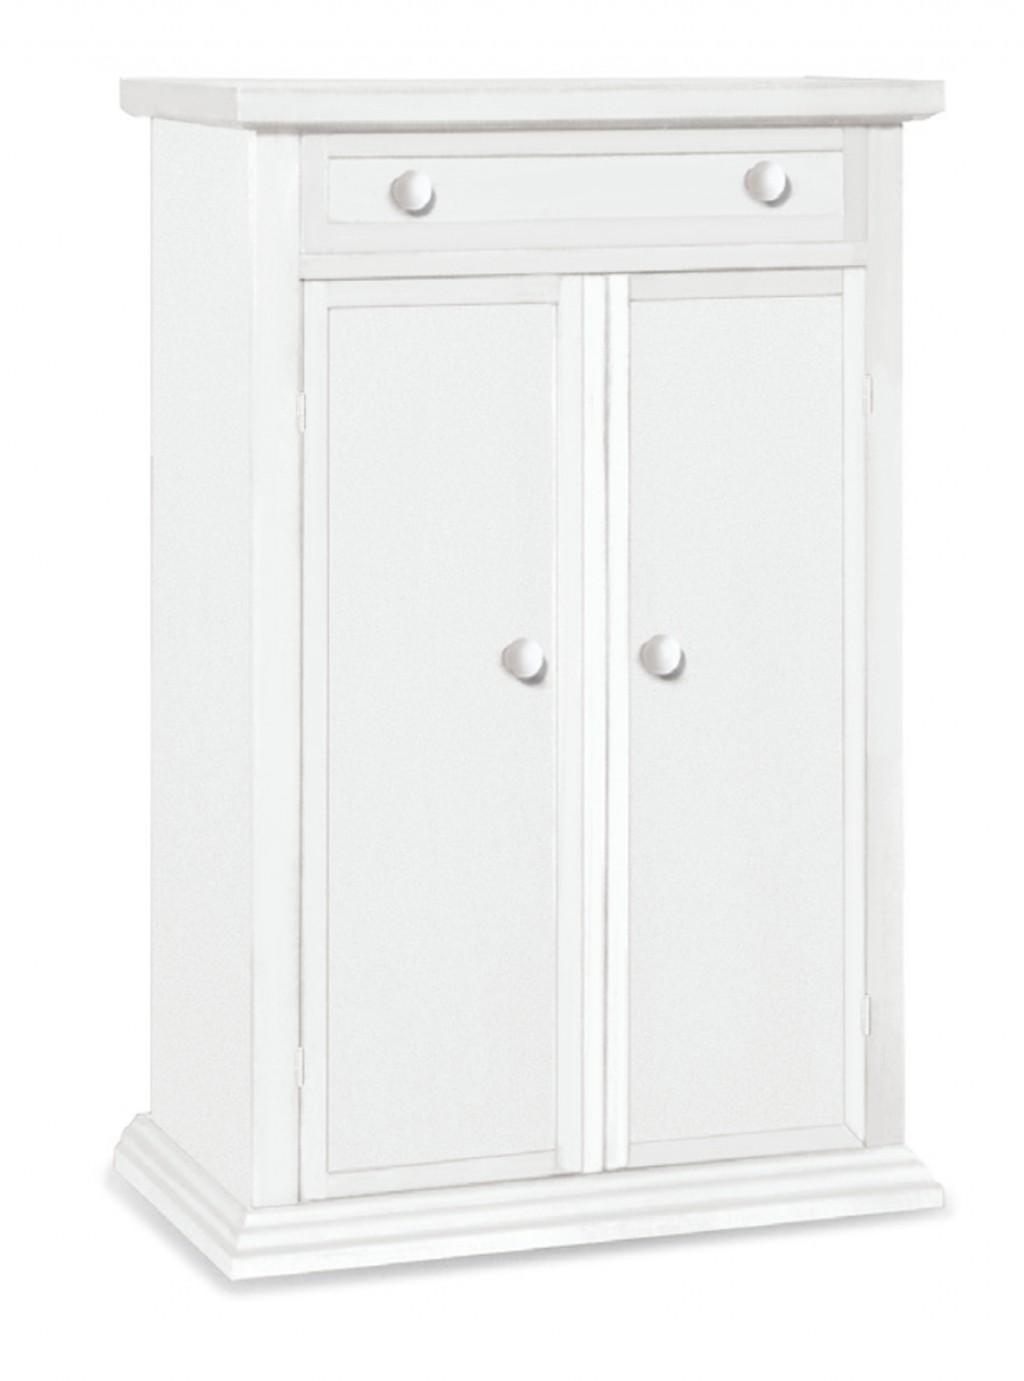 Scarpiera classica et1480 cucine mobili di qualit al - Iva bonus mobili ...